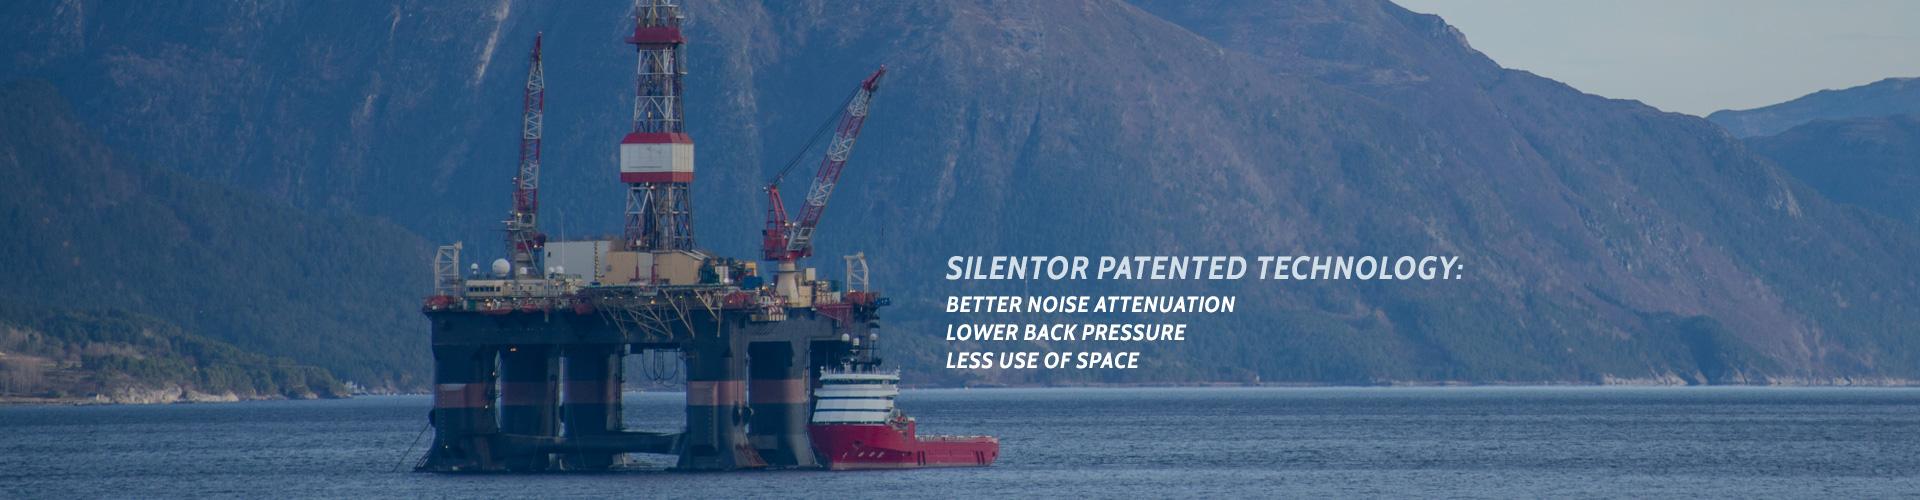 silentor-banner-offshore